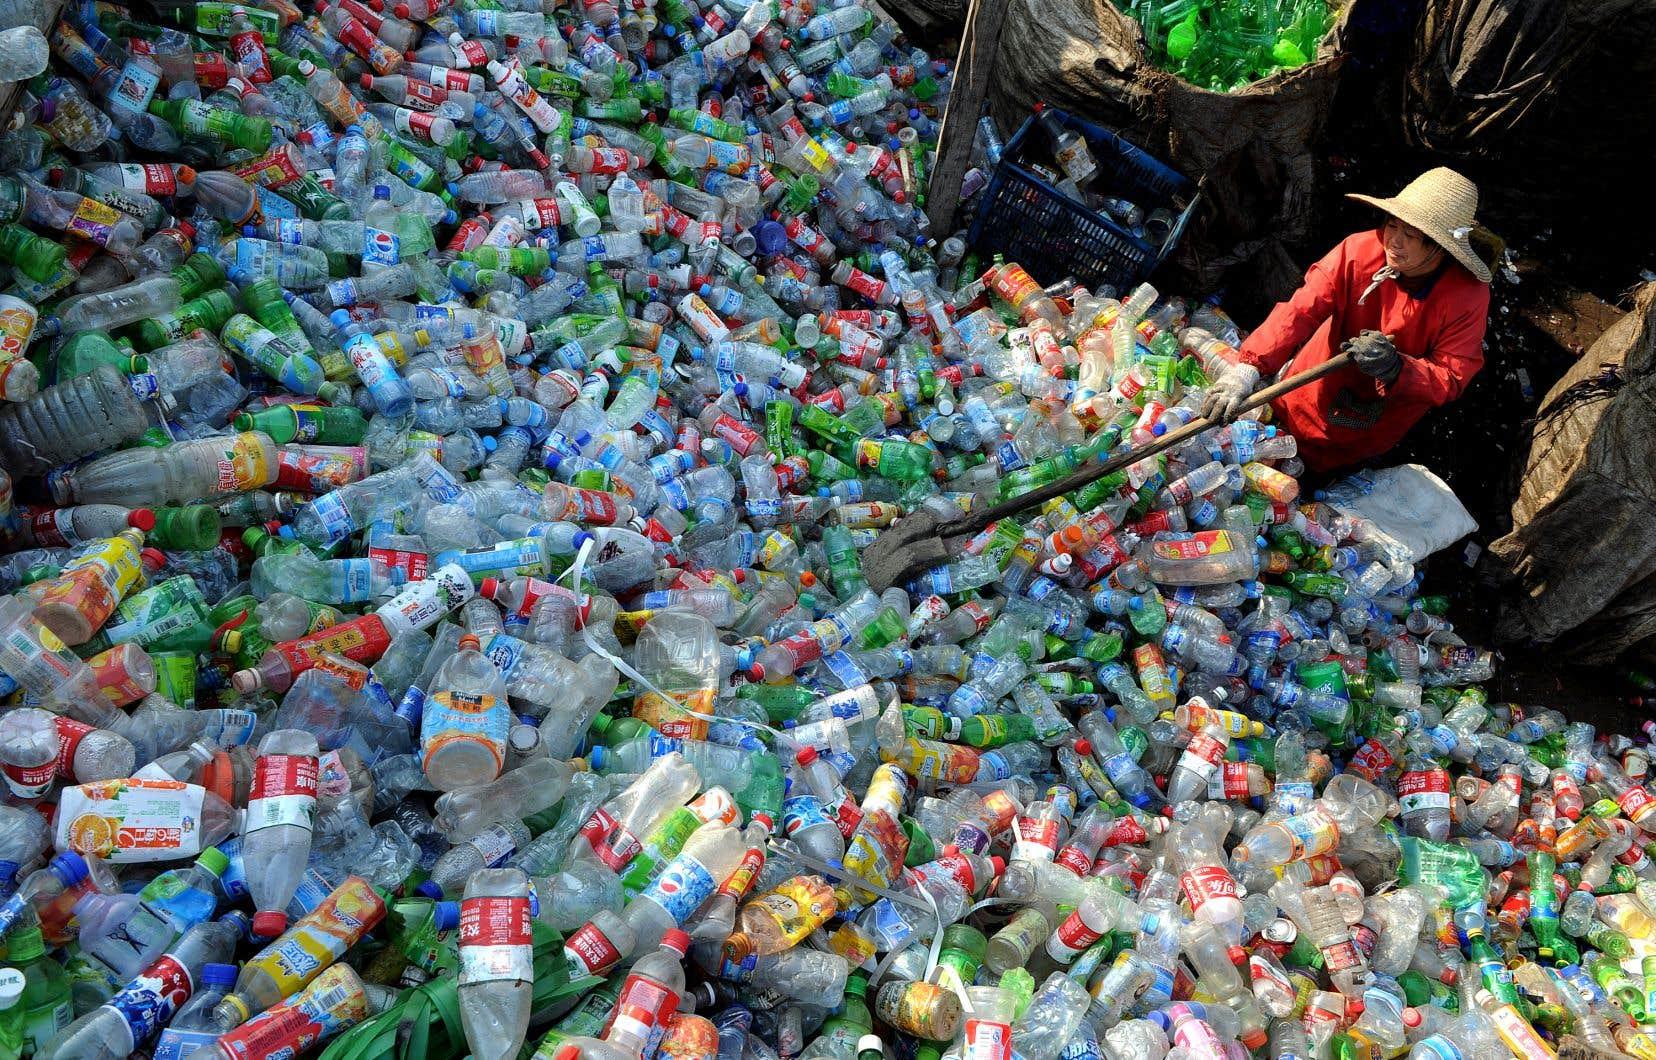 Au cours des 30 dernières années, le Canada a exporté environ quatre millions de tonnes de déchets de plastique en Asie, selon Oceana Canada.